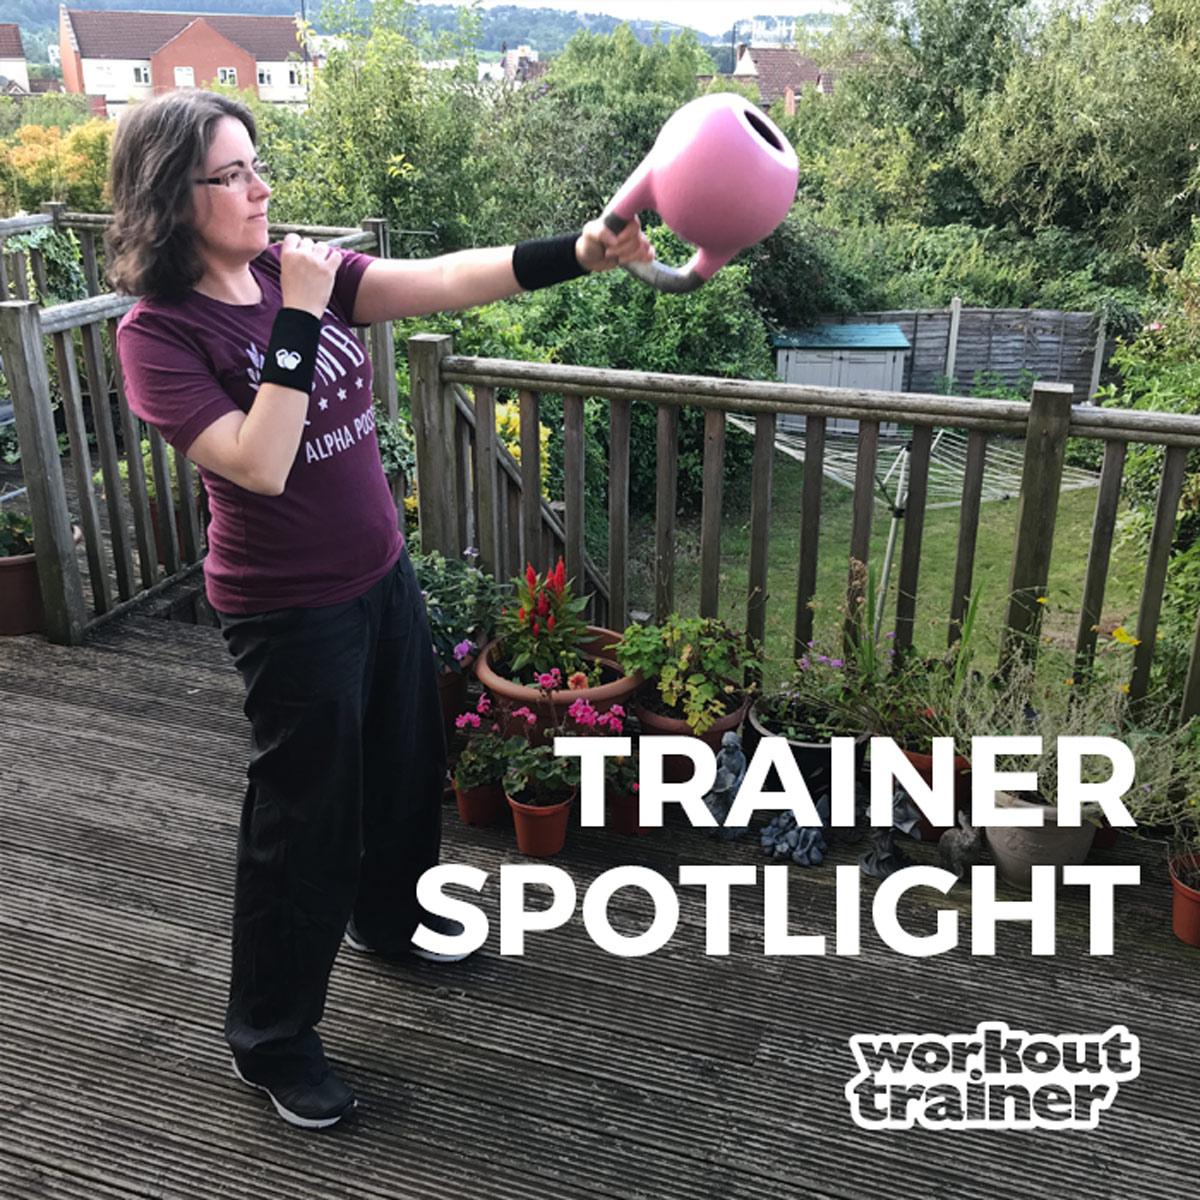 Workout Trainer by Skimble: Trainer Spotlight: Elisabetta Bruno